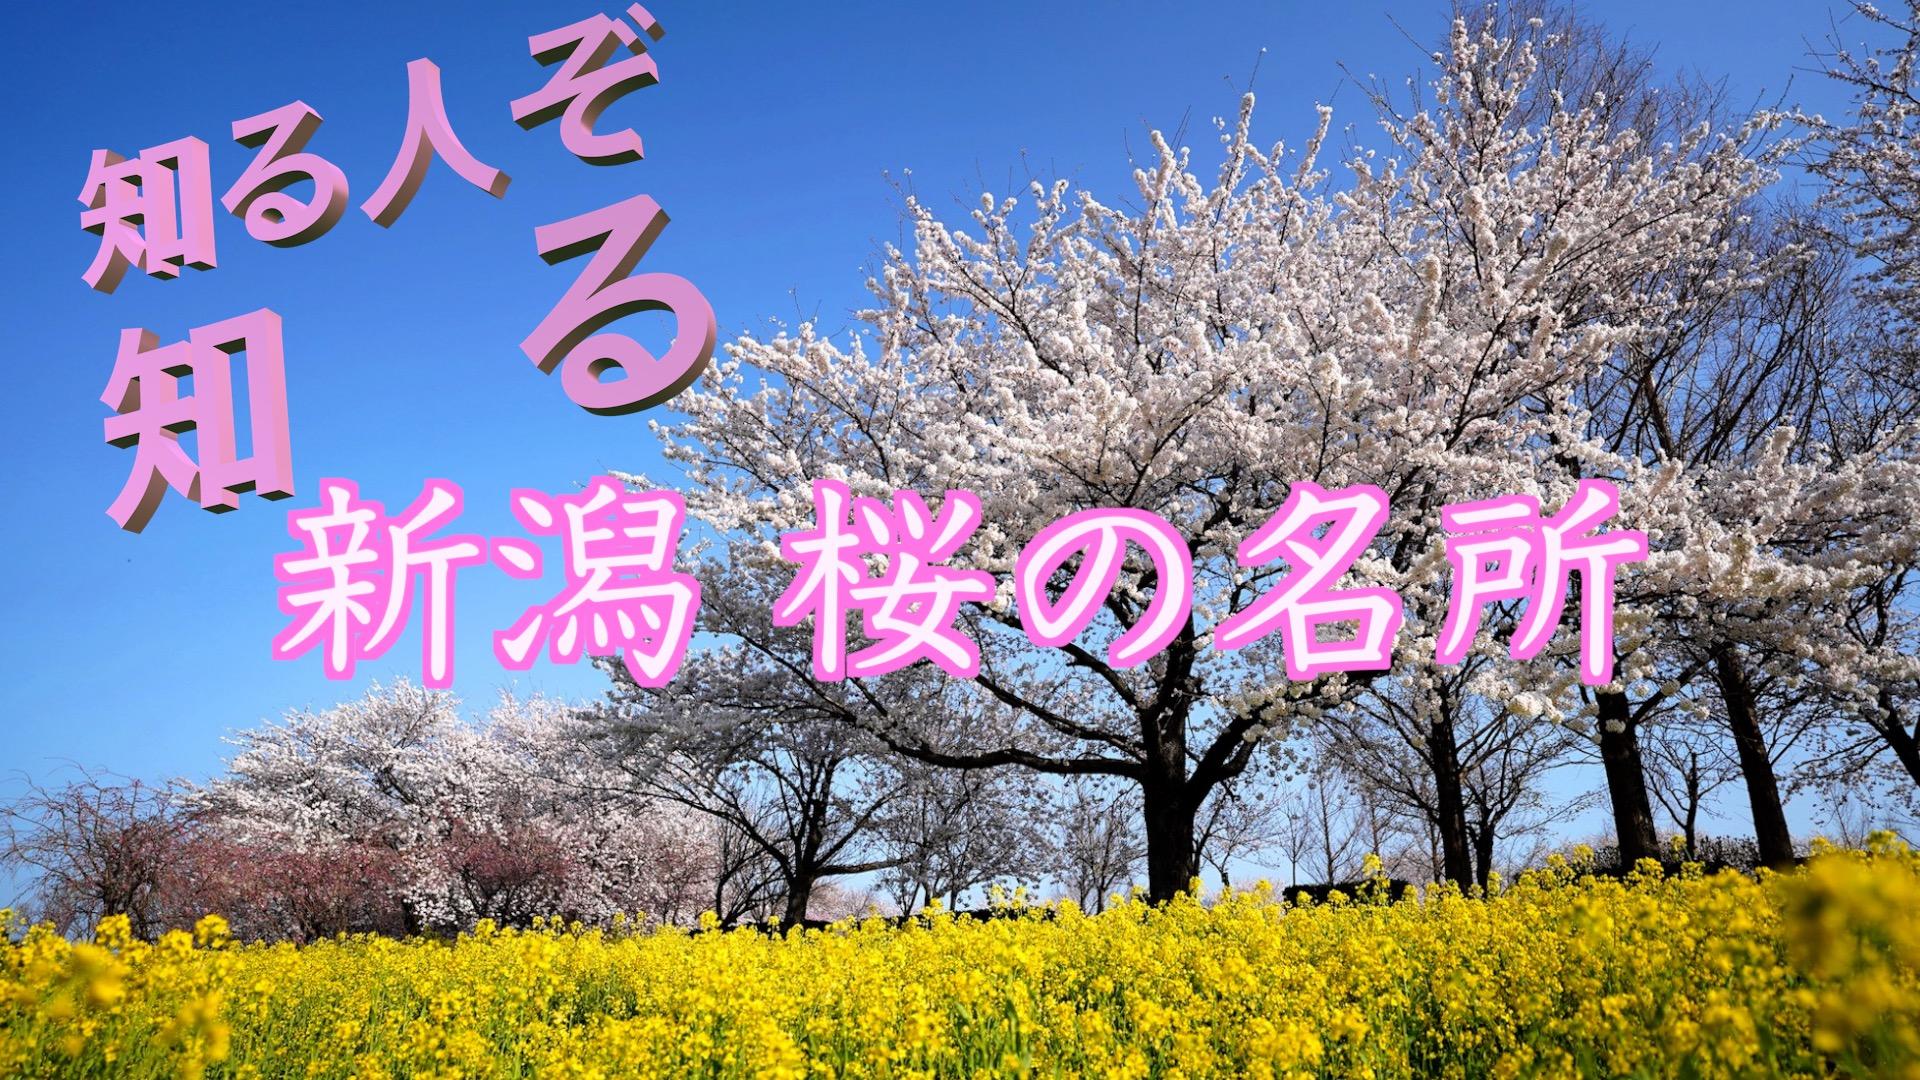 新潟 桜の名所のアイキャッチ